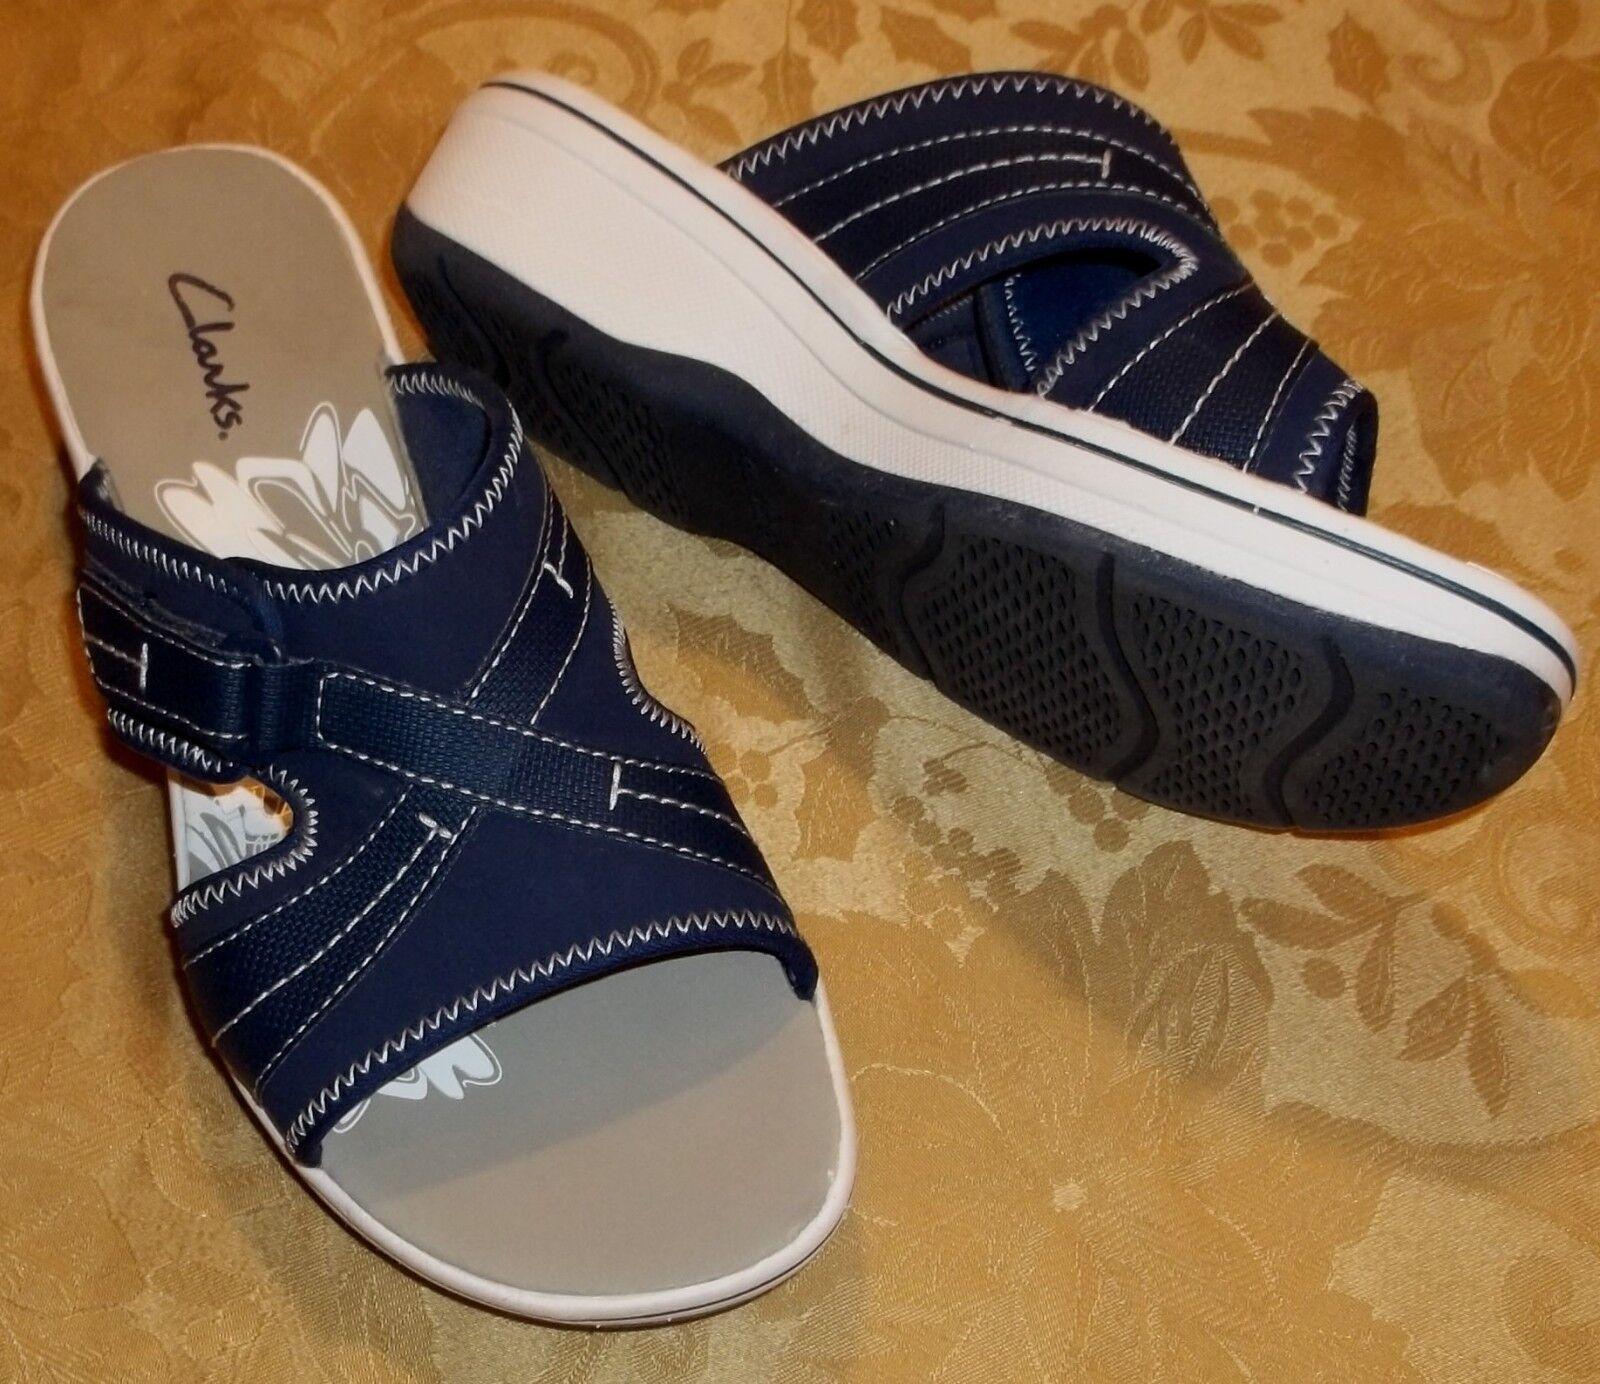 kvinnor CLARKS, [blå [blå [blå SLIDES] SANDALS [storlek 9] [nyA öppna tår för tillfälliga skor]  120  snabba svar